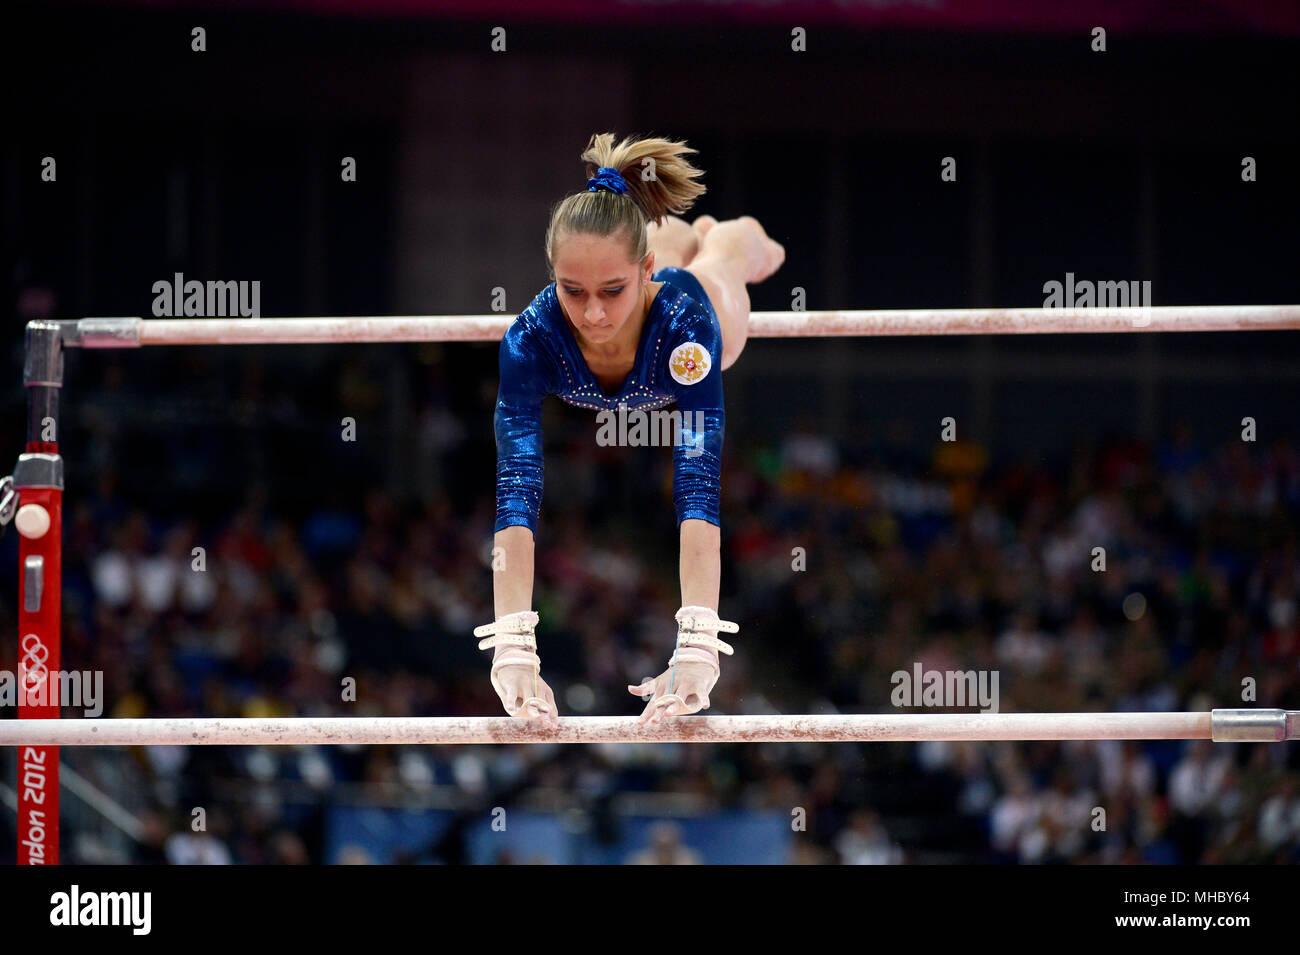 Victoria Komova de Russie effectue sur les barres parallèles inégale au cours de la femme est tout autour de la gymnastique, de la concurrence dans laquelle elle a remporté la médaille d'argent. Photo Stock